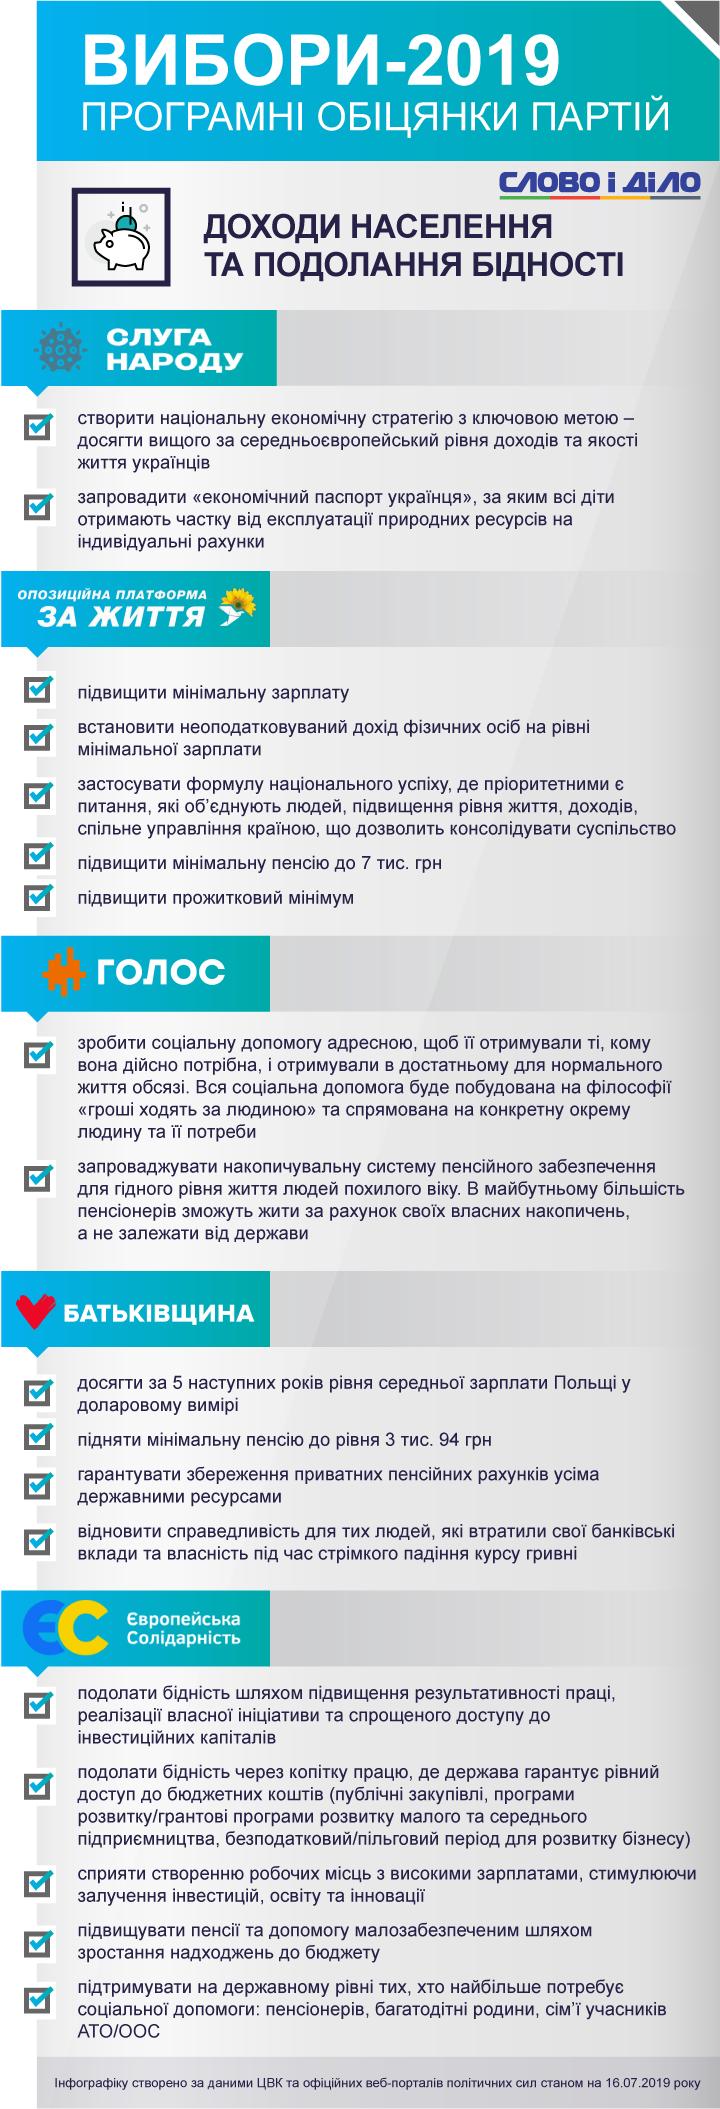 Топ-5 політсил обіцяють запровадити економічний паспорт українця та накопичувальну пенсійну систему, а також створювати нові робочі місця й долати бідність копіткою працею.